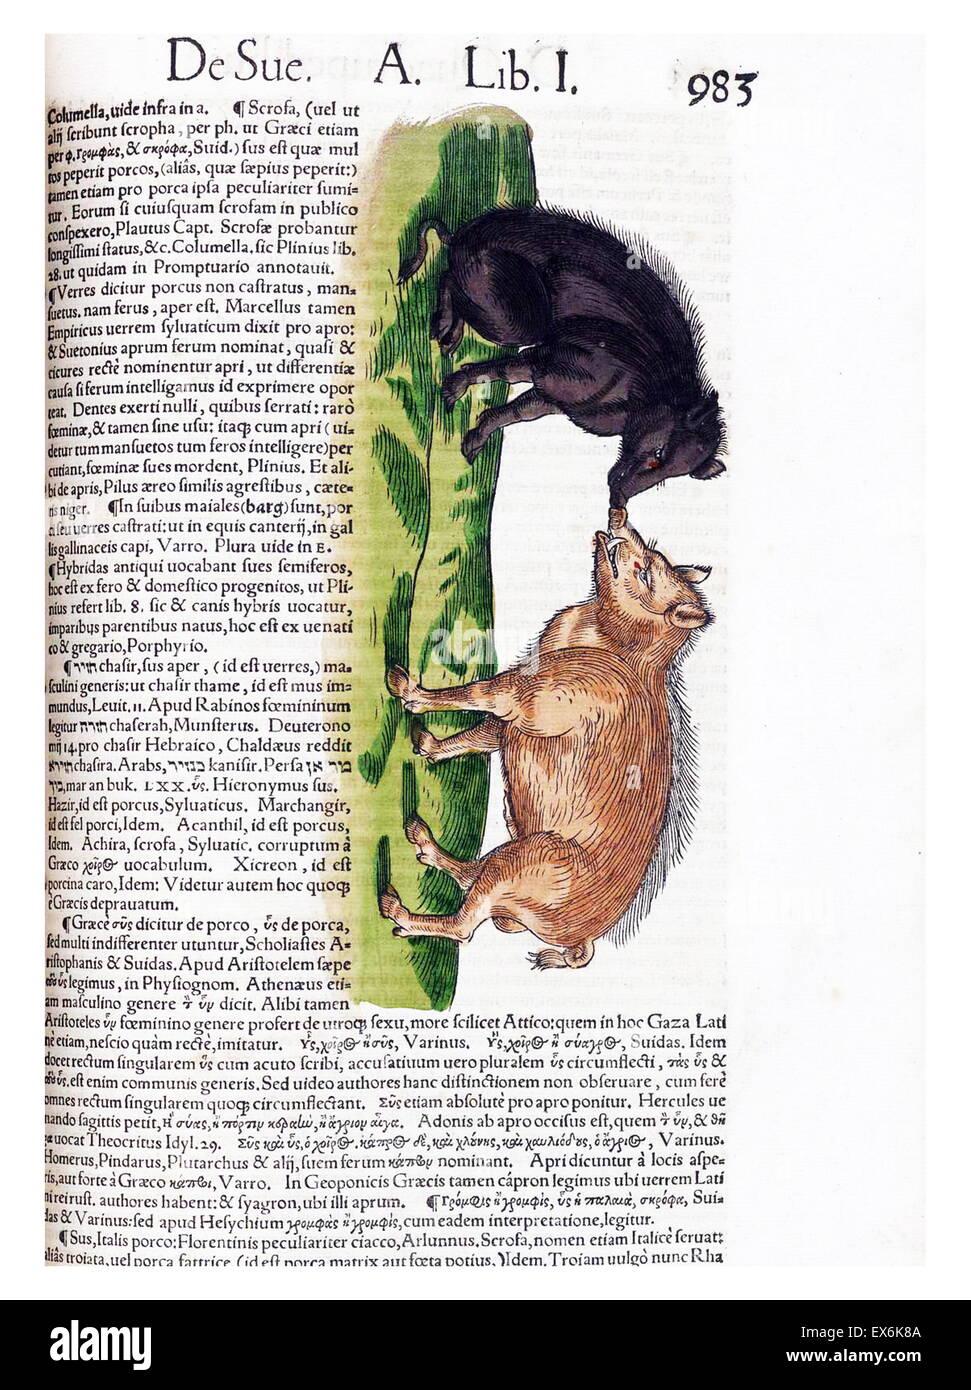 Abbildung der Wildschweine, aus \' Medici Tigurini Historiae ...